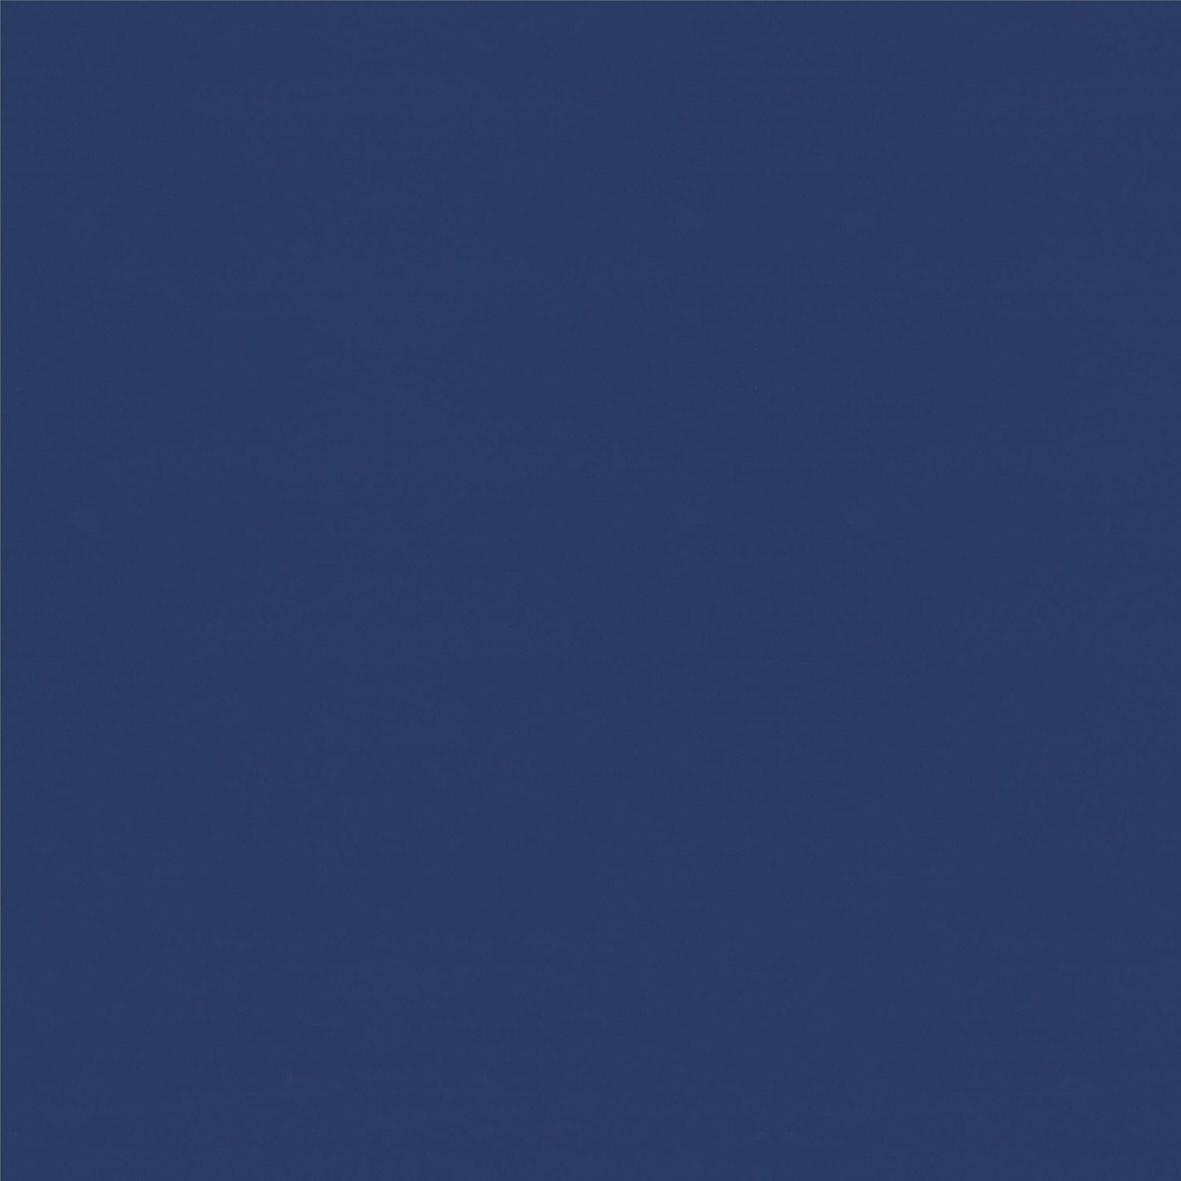 Roller_Swatch_Urban_FR_Blue_RE1205